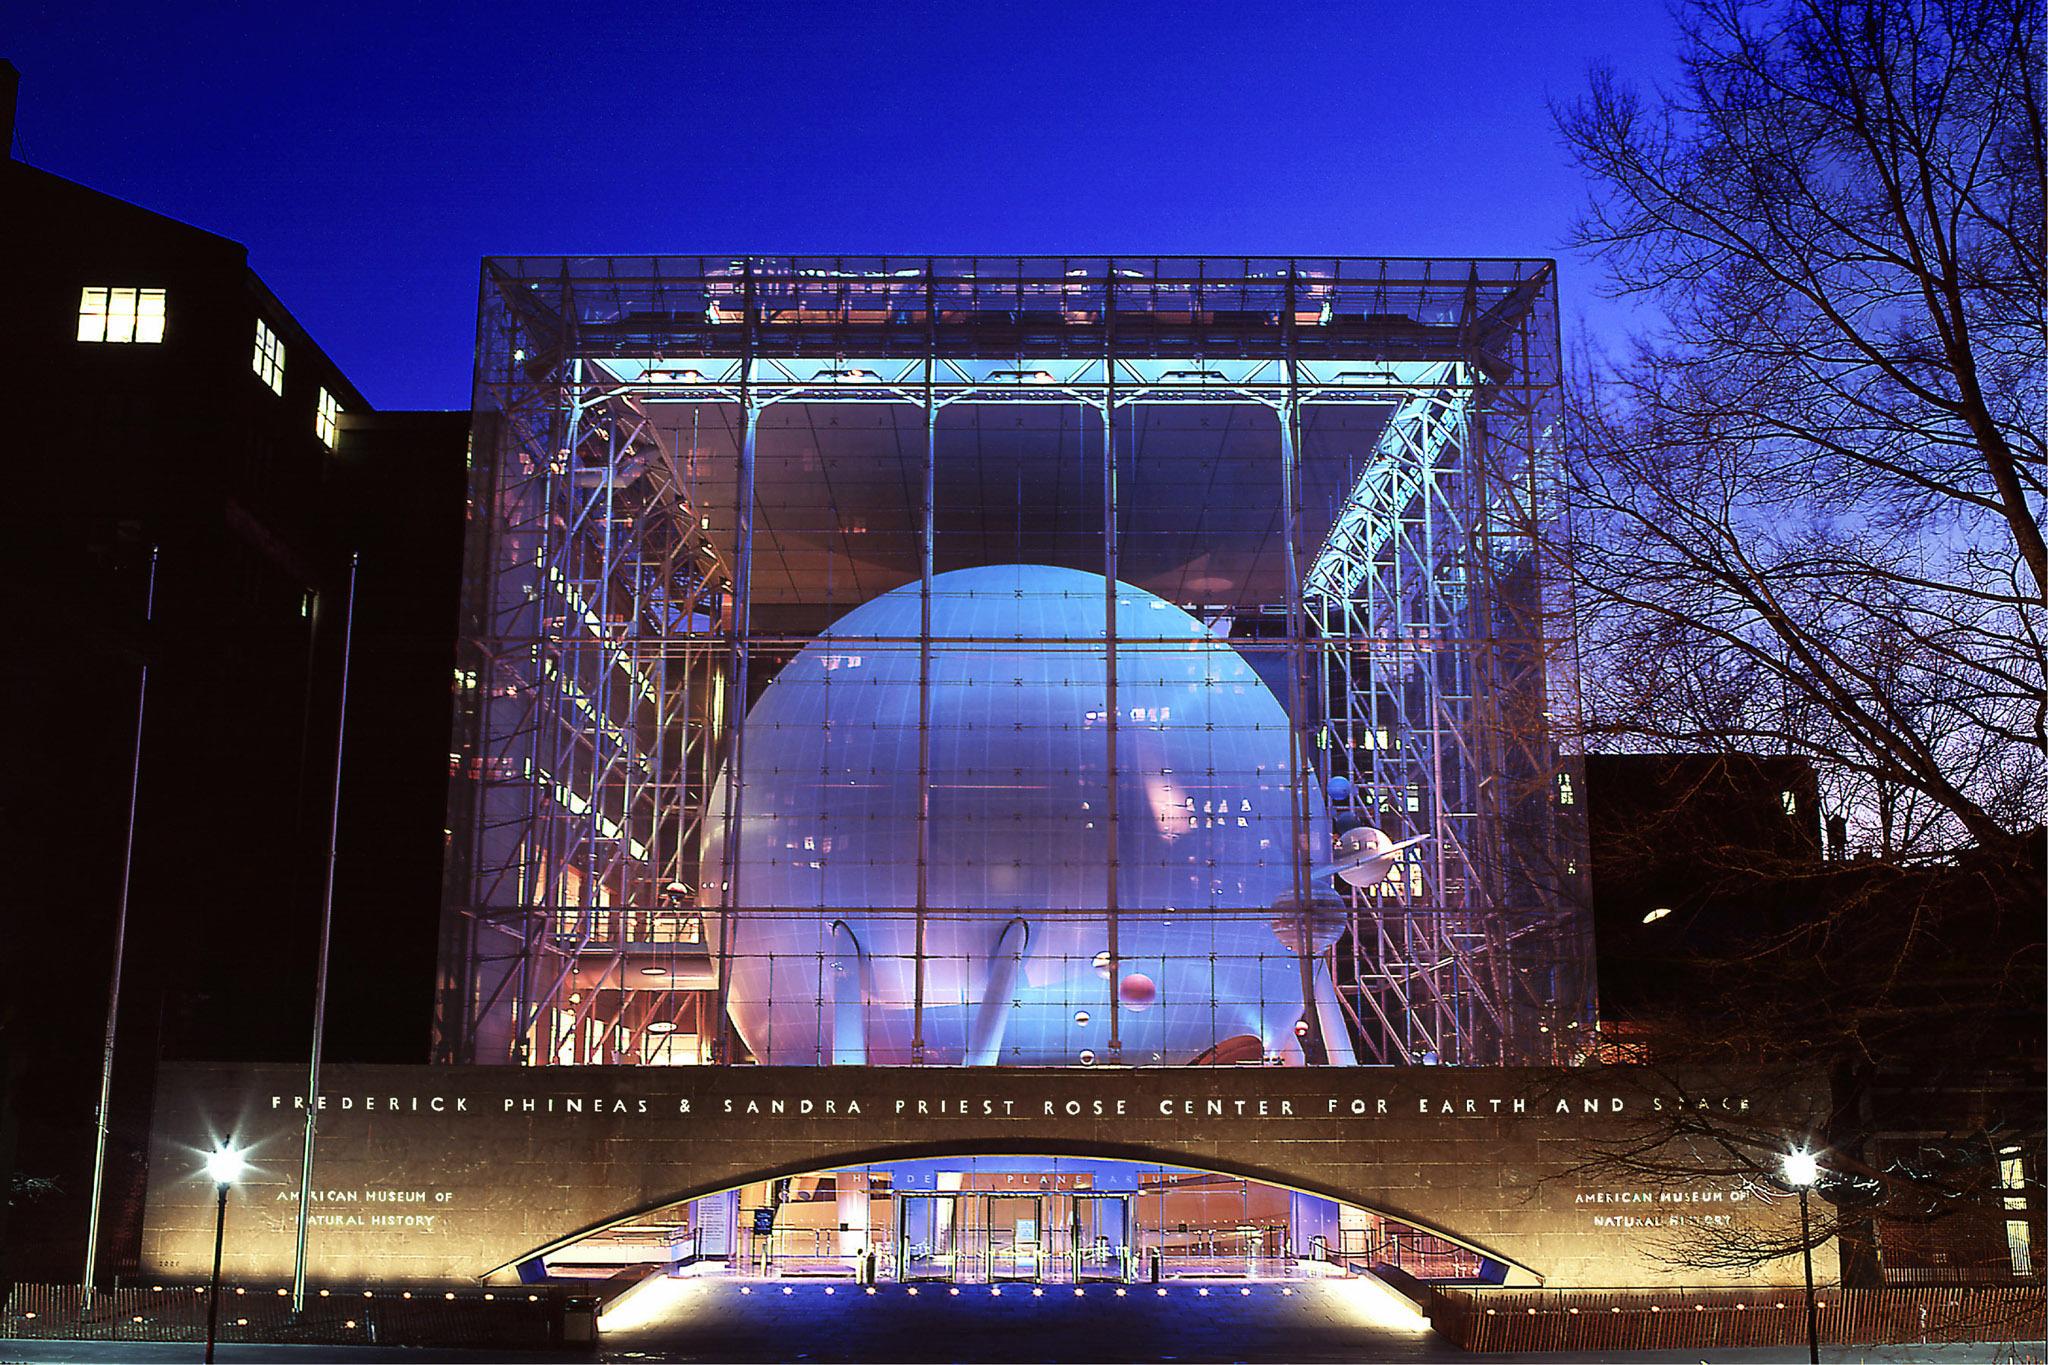 New planetarium show comes to AMNH